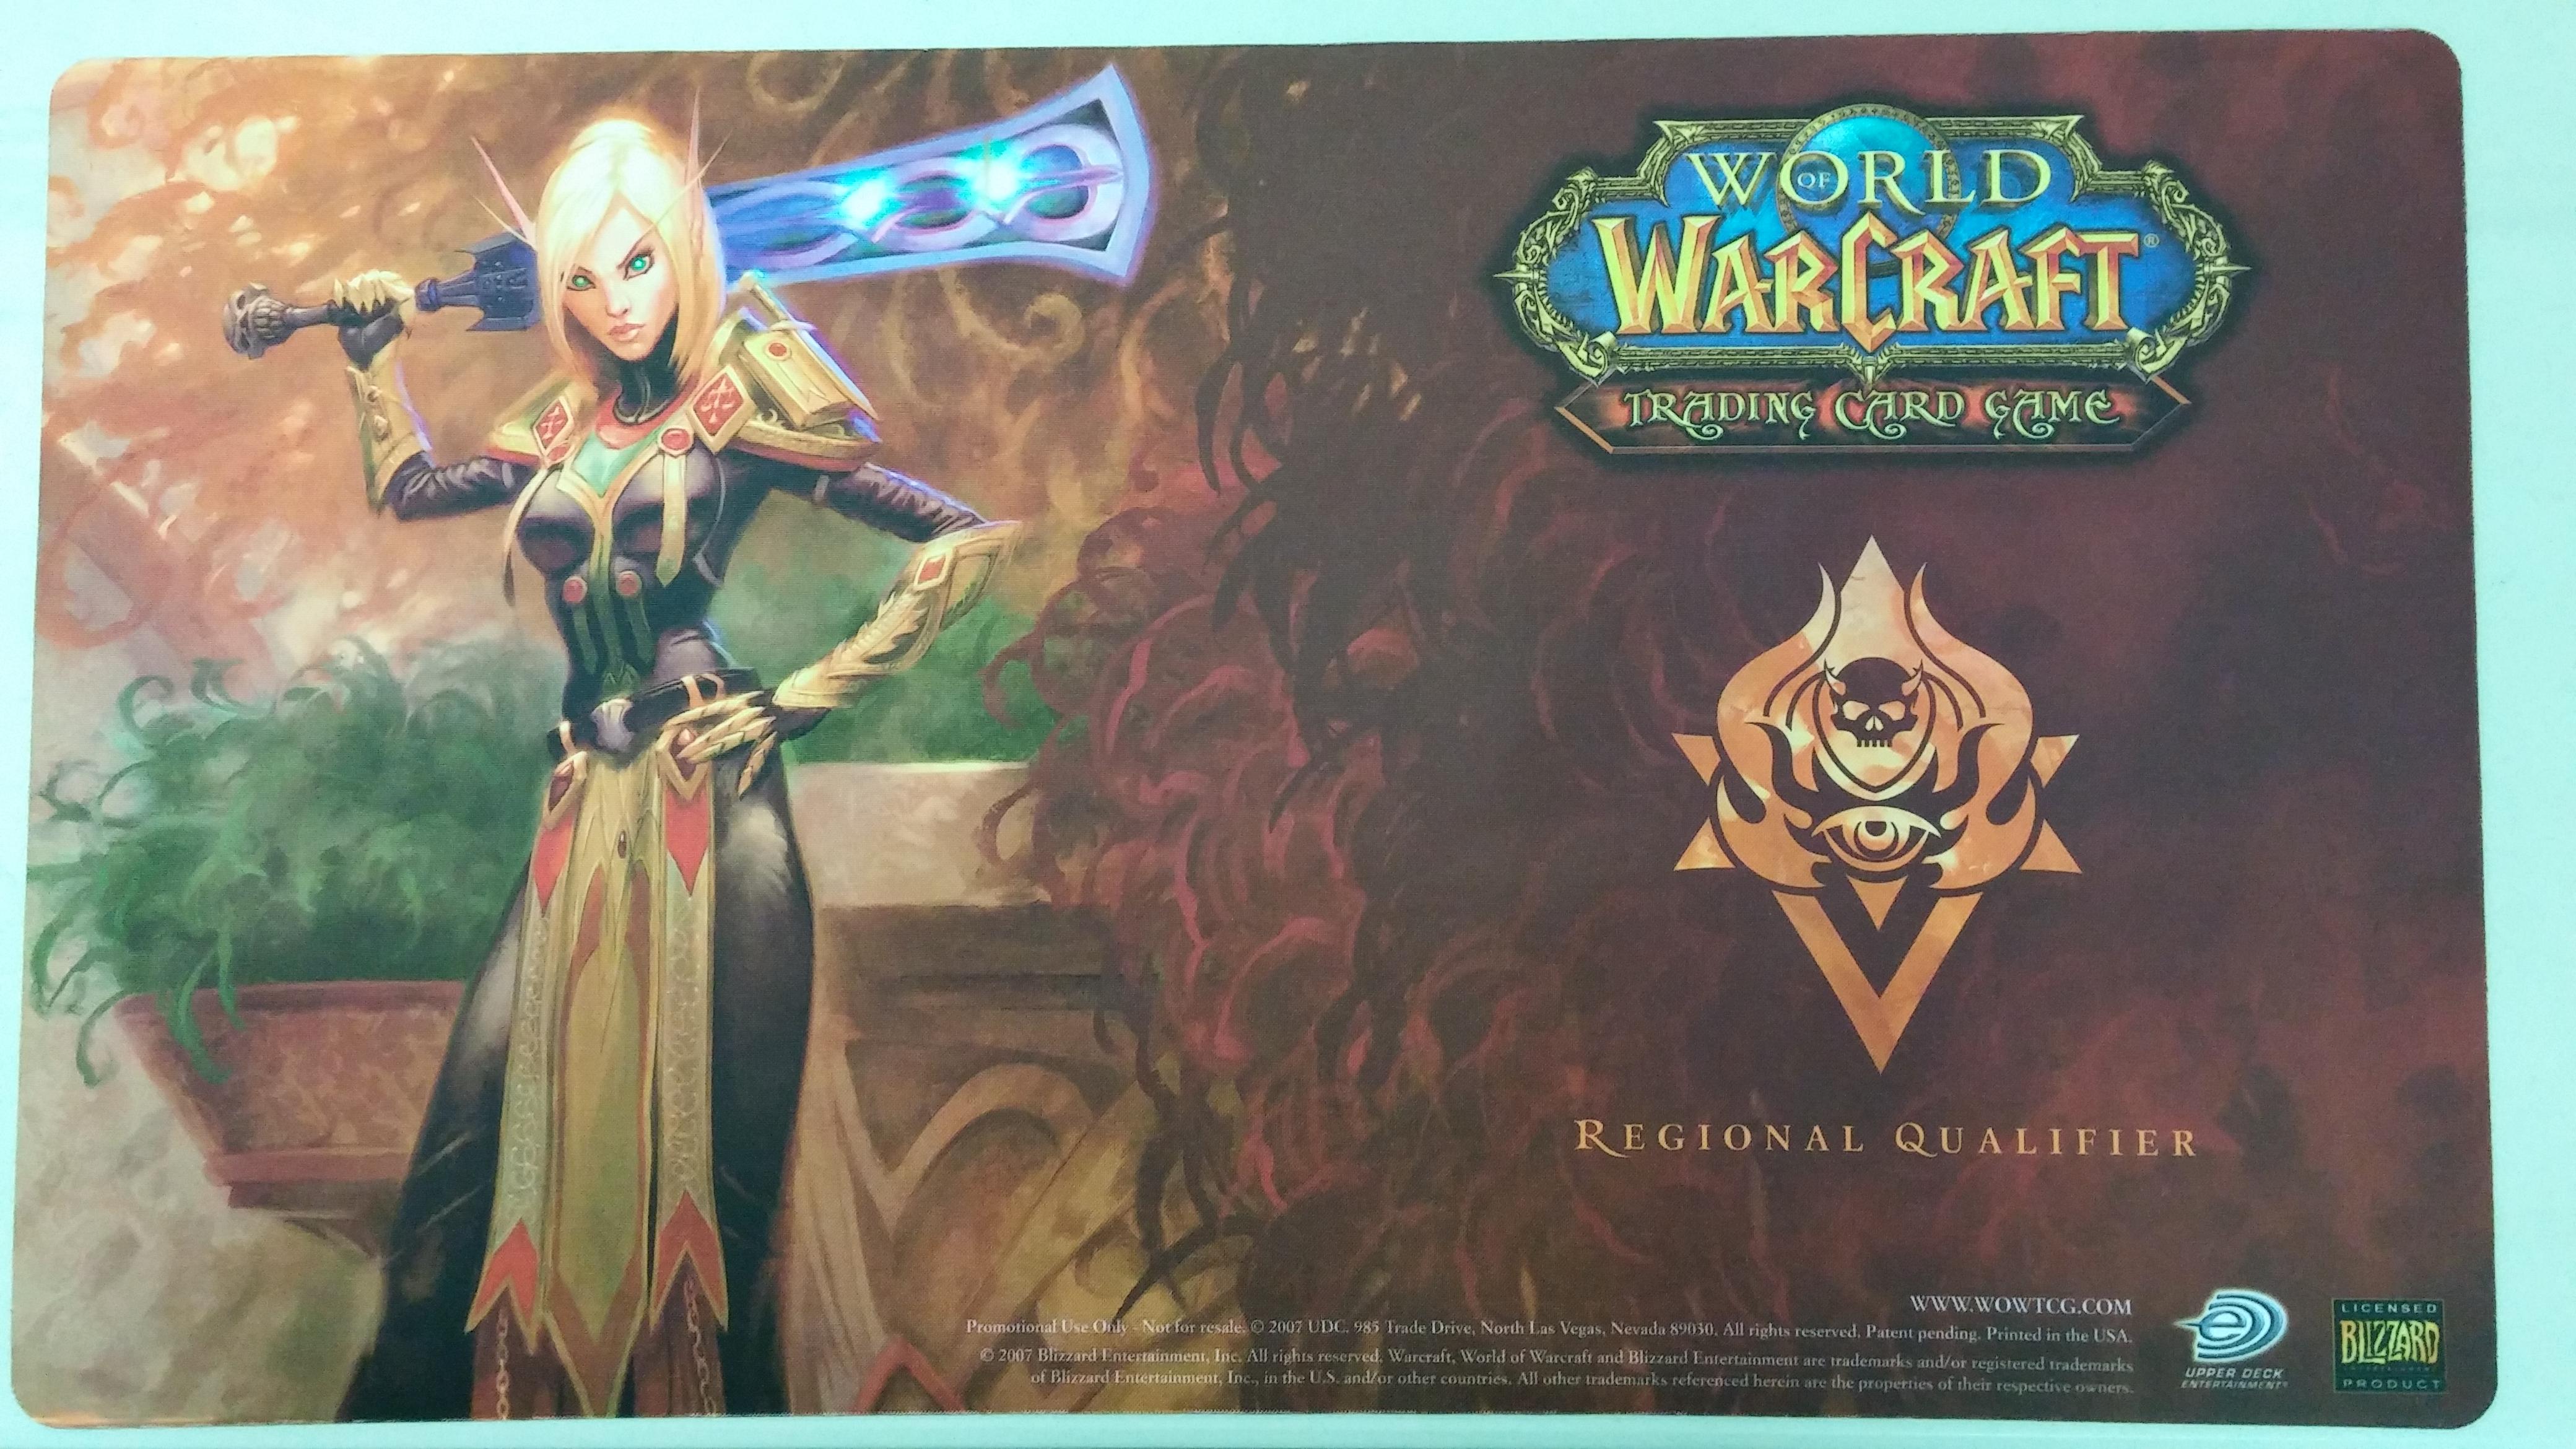 World of Warcraft Blood Elf Paladin Regional Qualifier